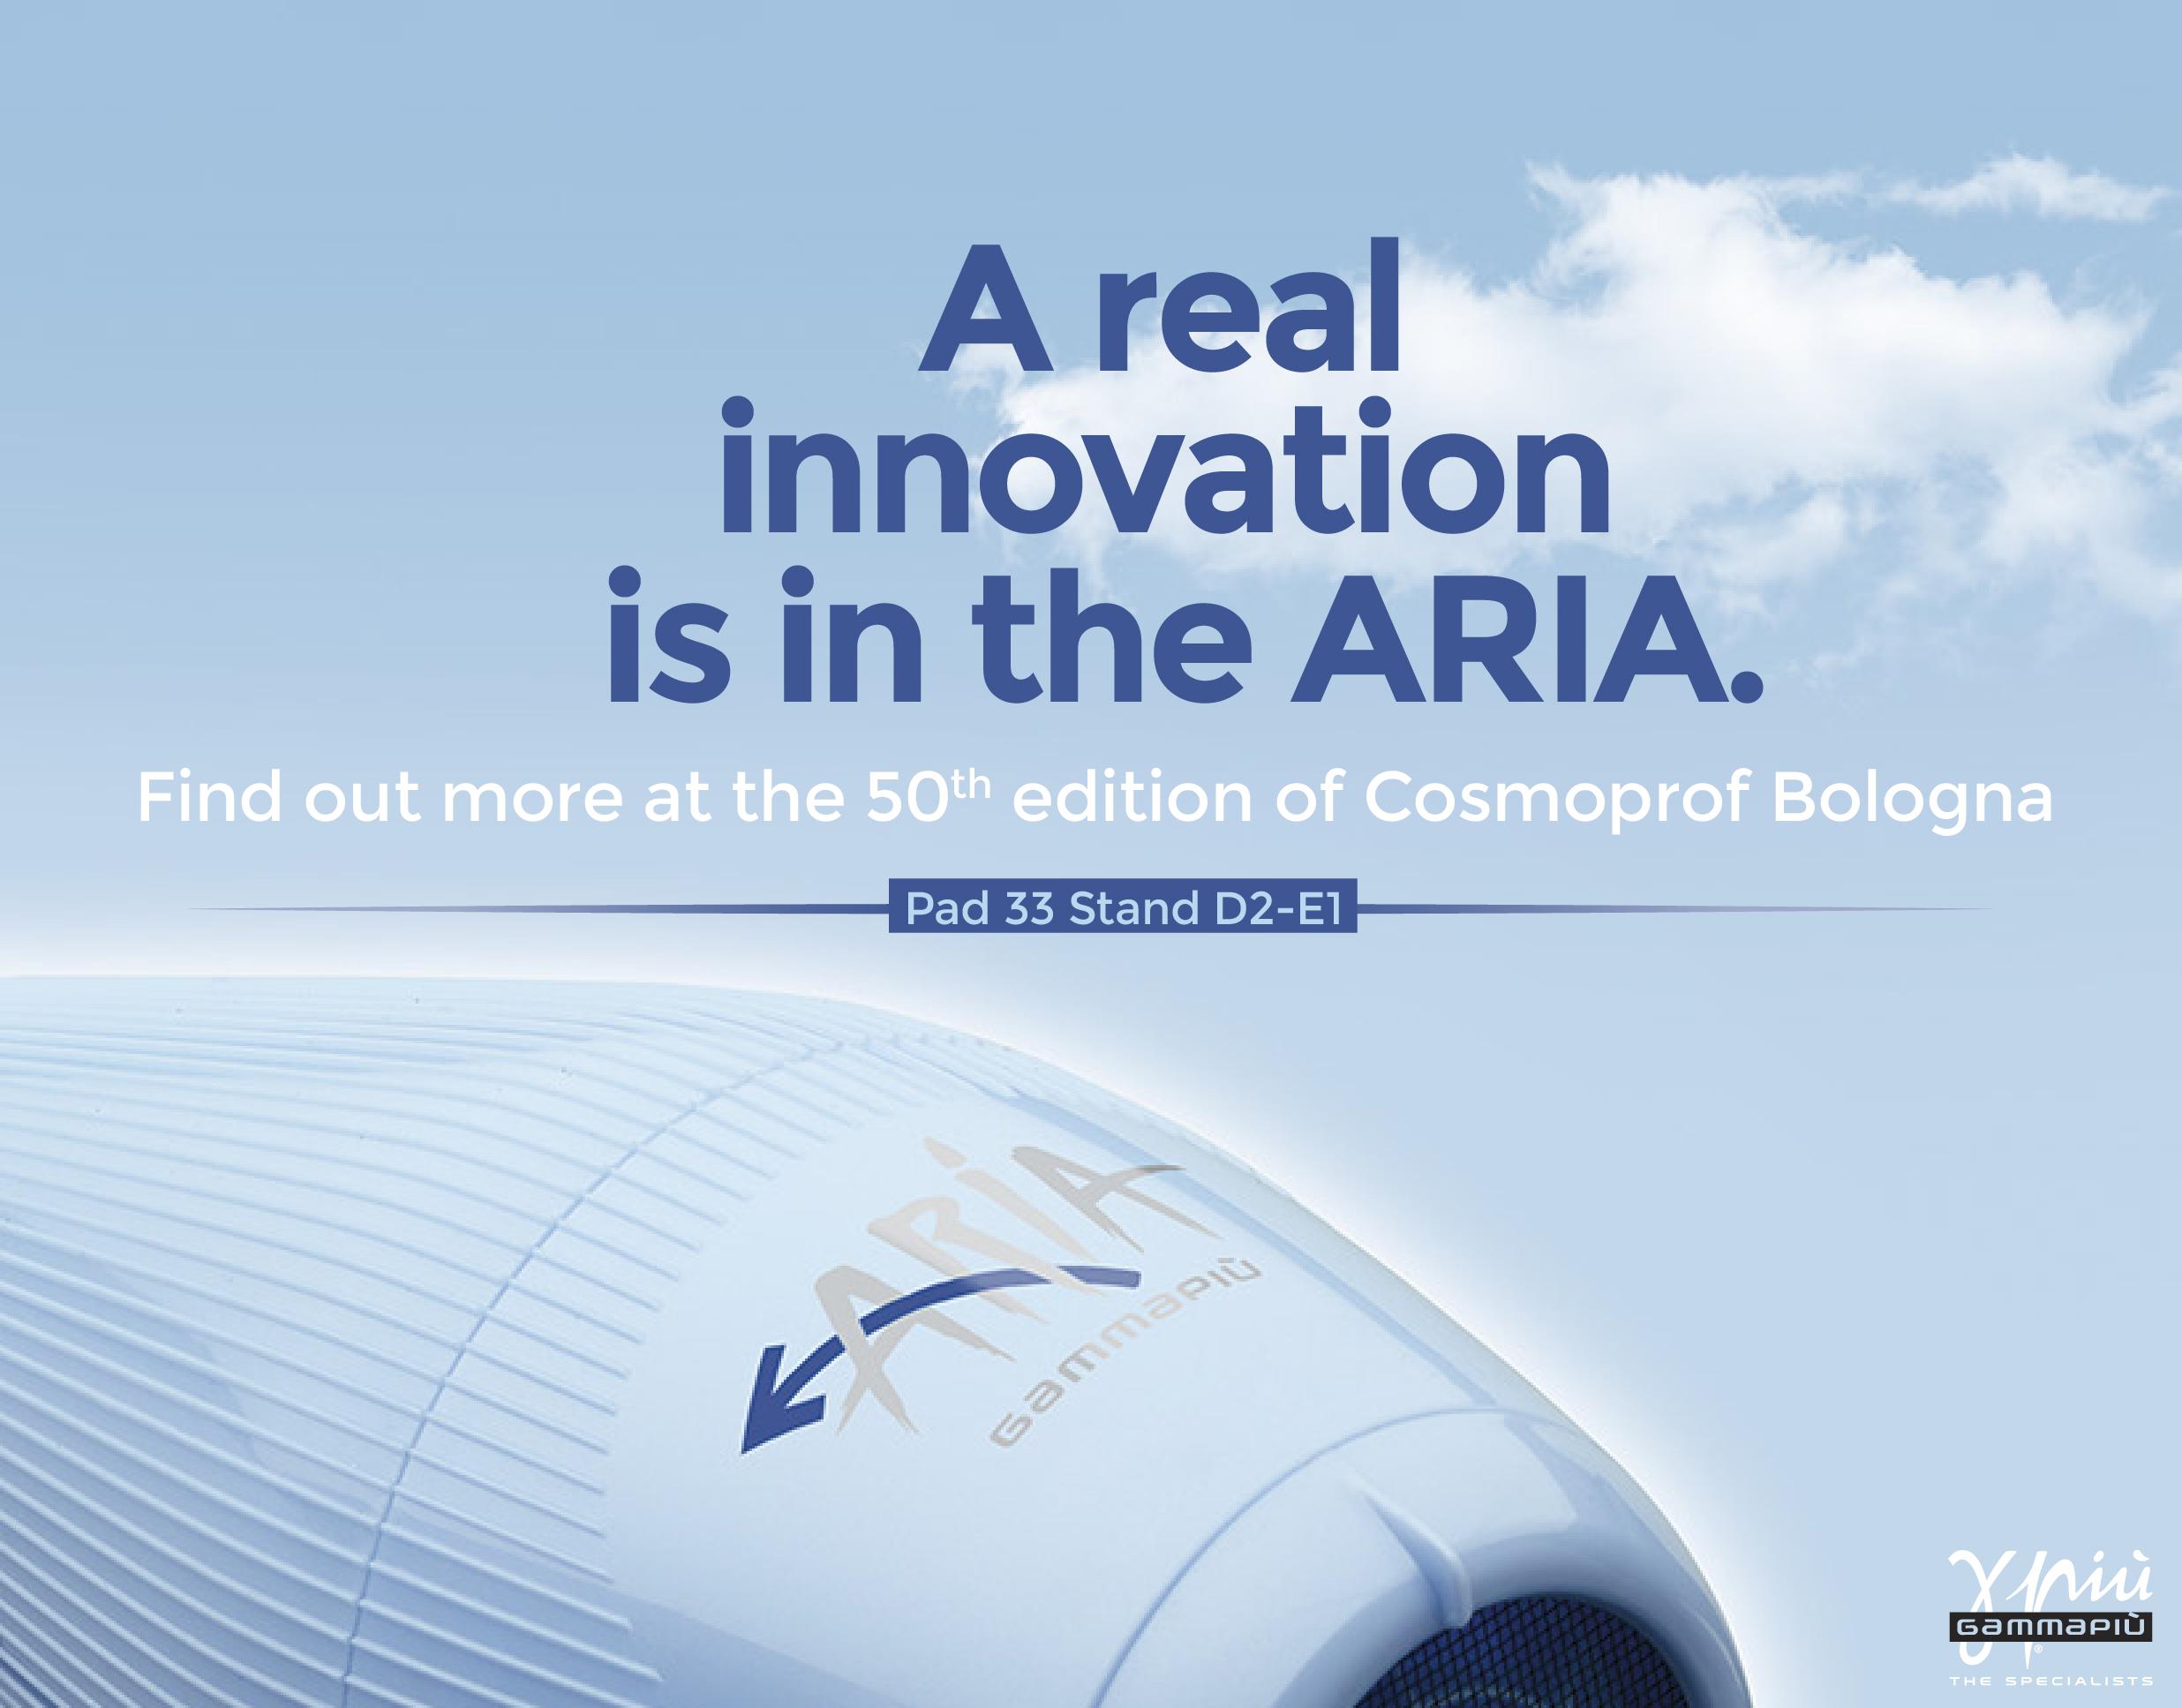 Die wahre Innovation liegt in der ARIA